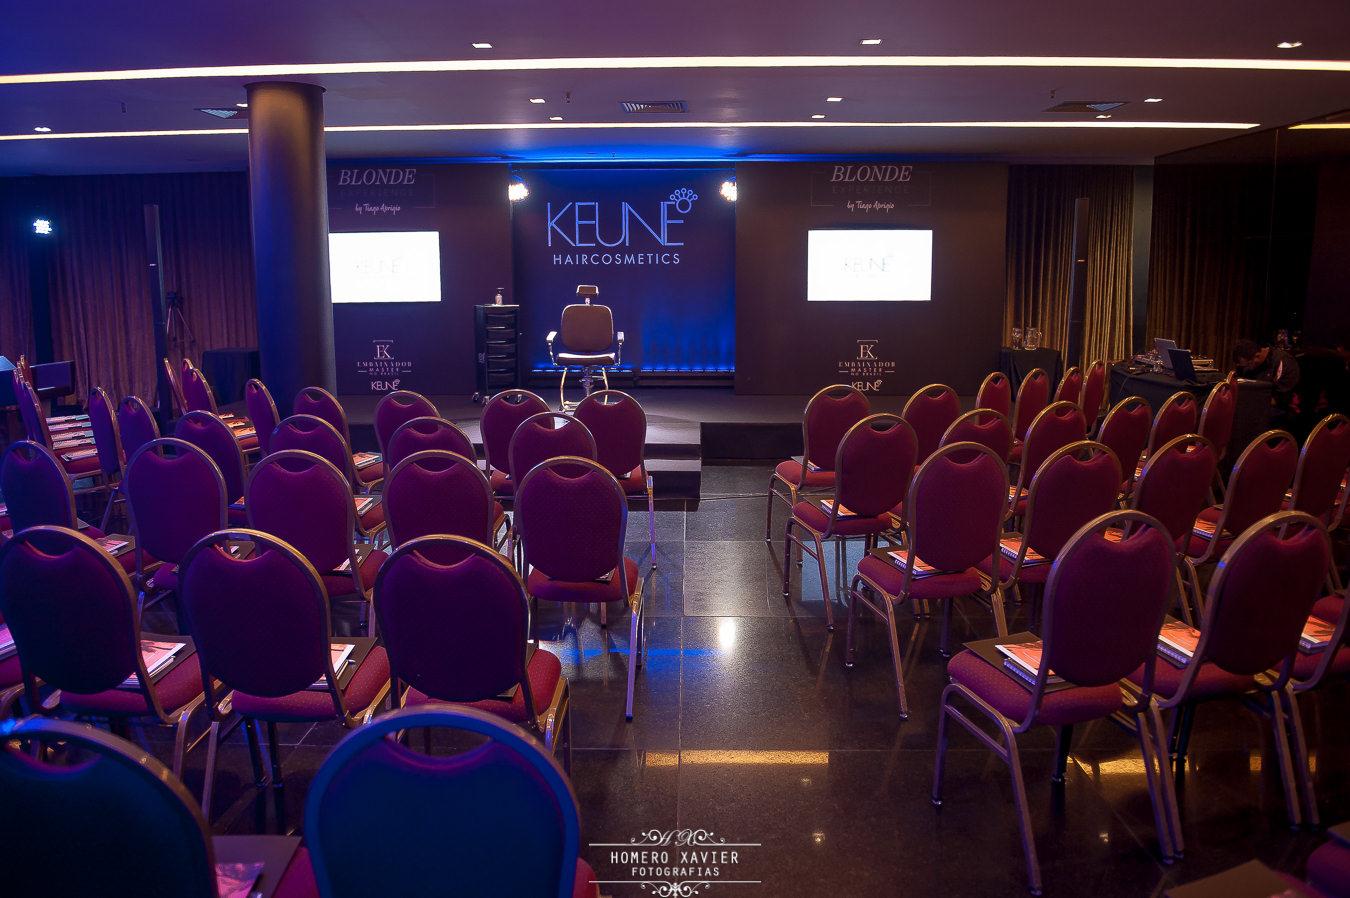 Fotografia de workshop empresarial Tiago Araújo para Keune, Blonde experience, realizado no salão Niemeyer no Hotel Ouro Minas em Belo Horizonte